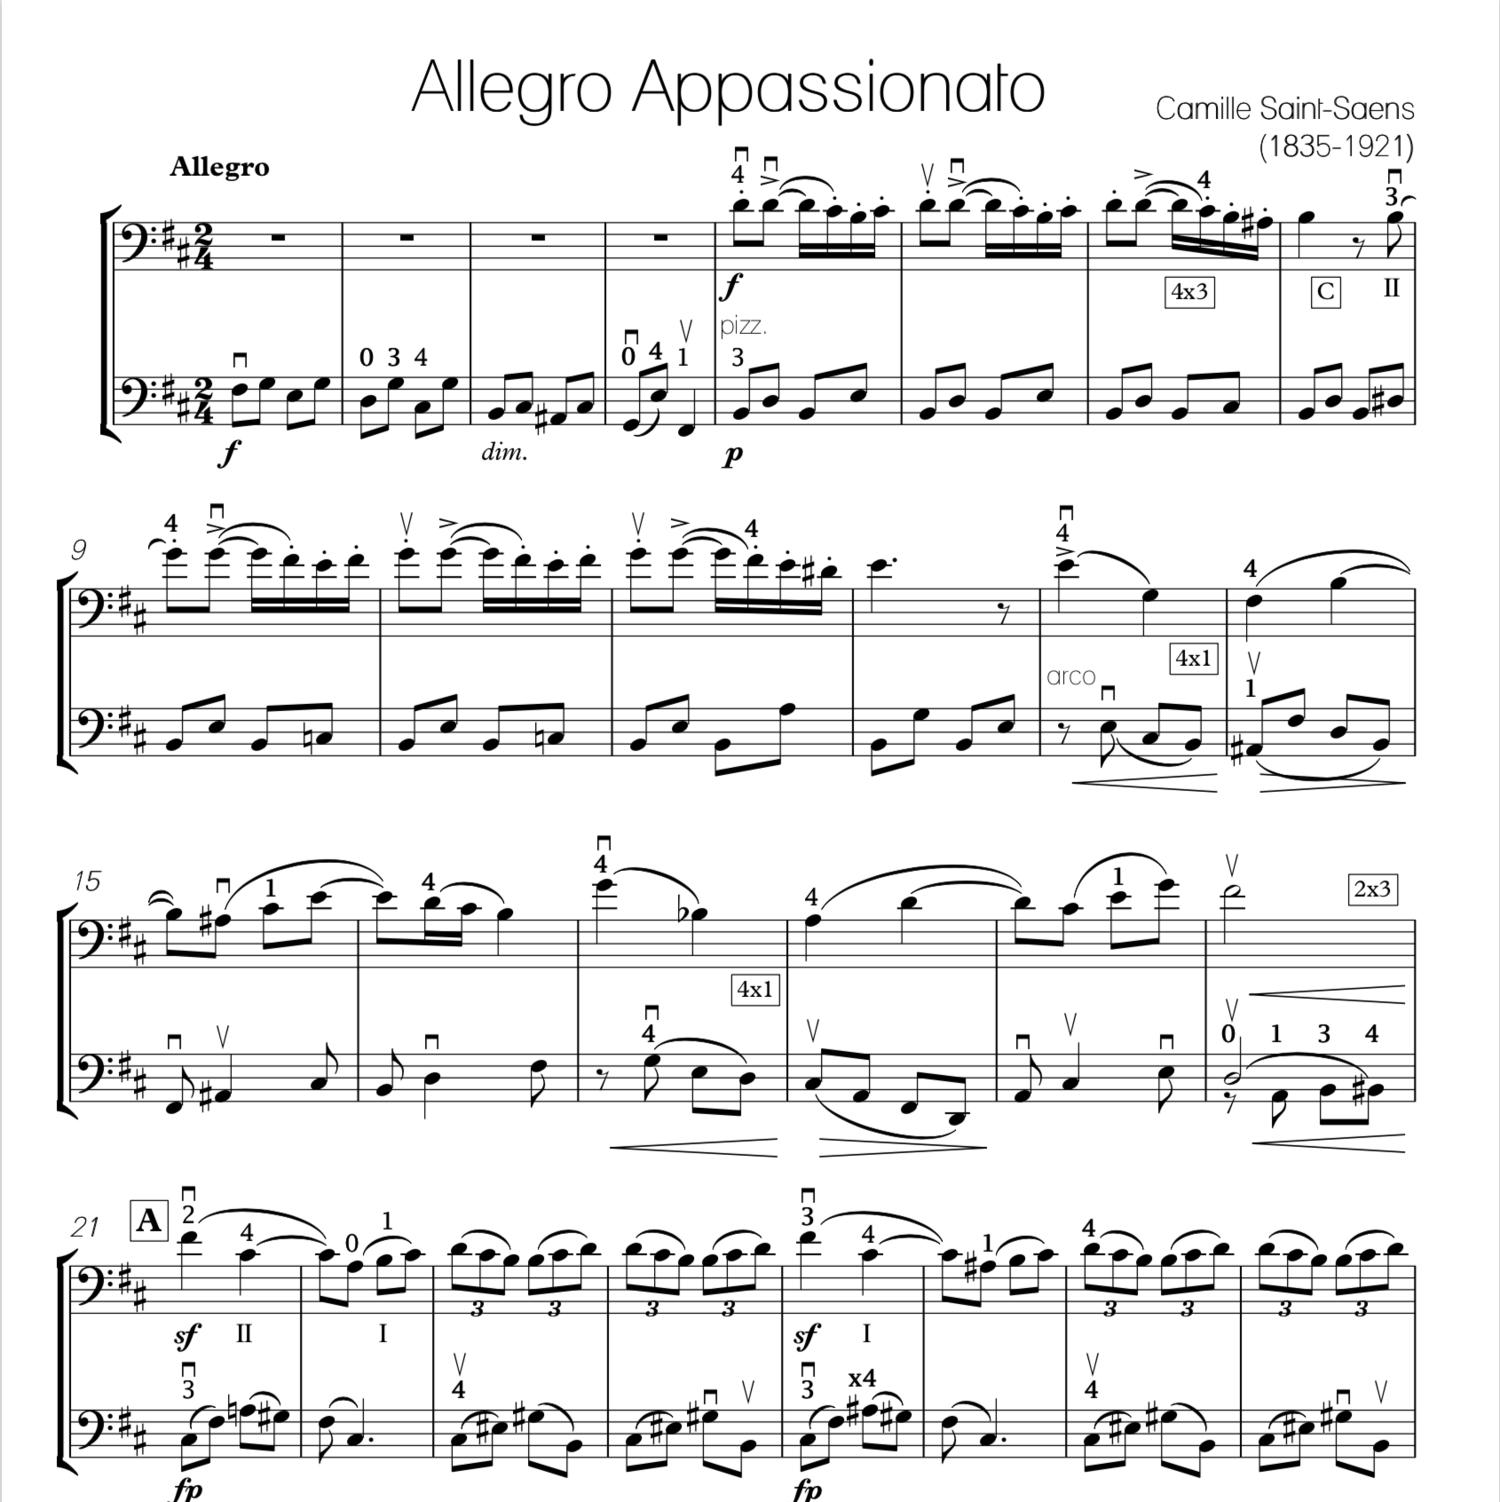 Saint-Saens | Allegro Appassionato for Two Cellos — Cello Loft Music